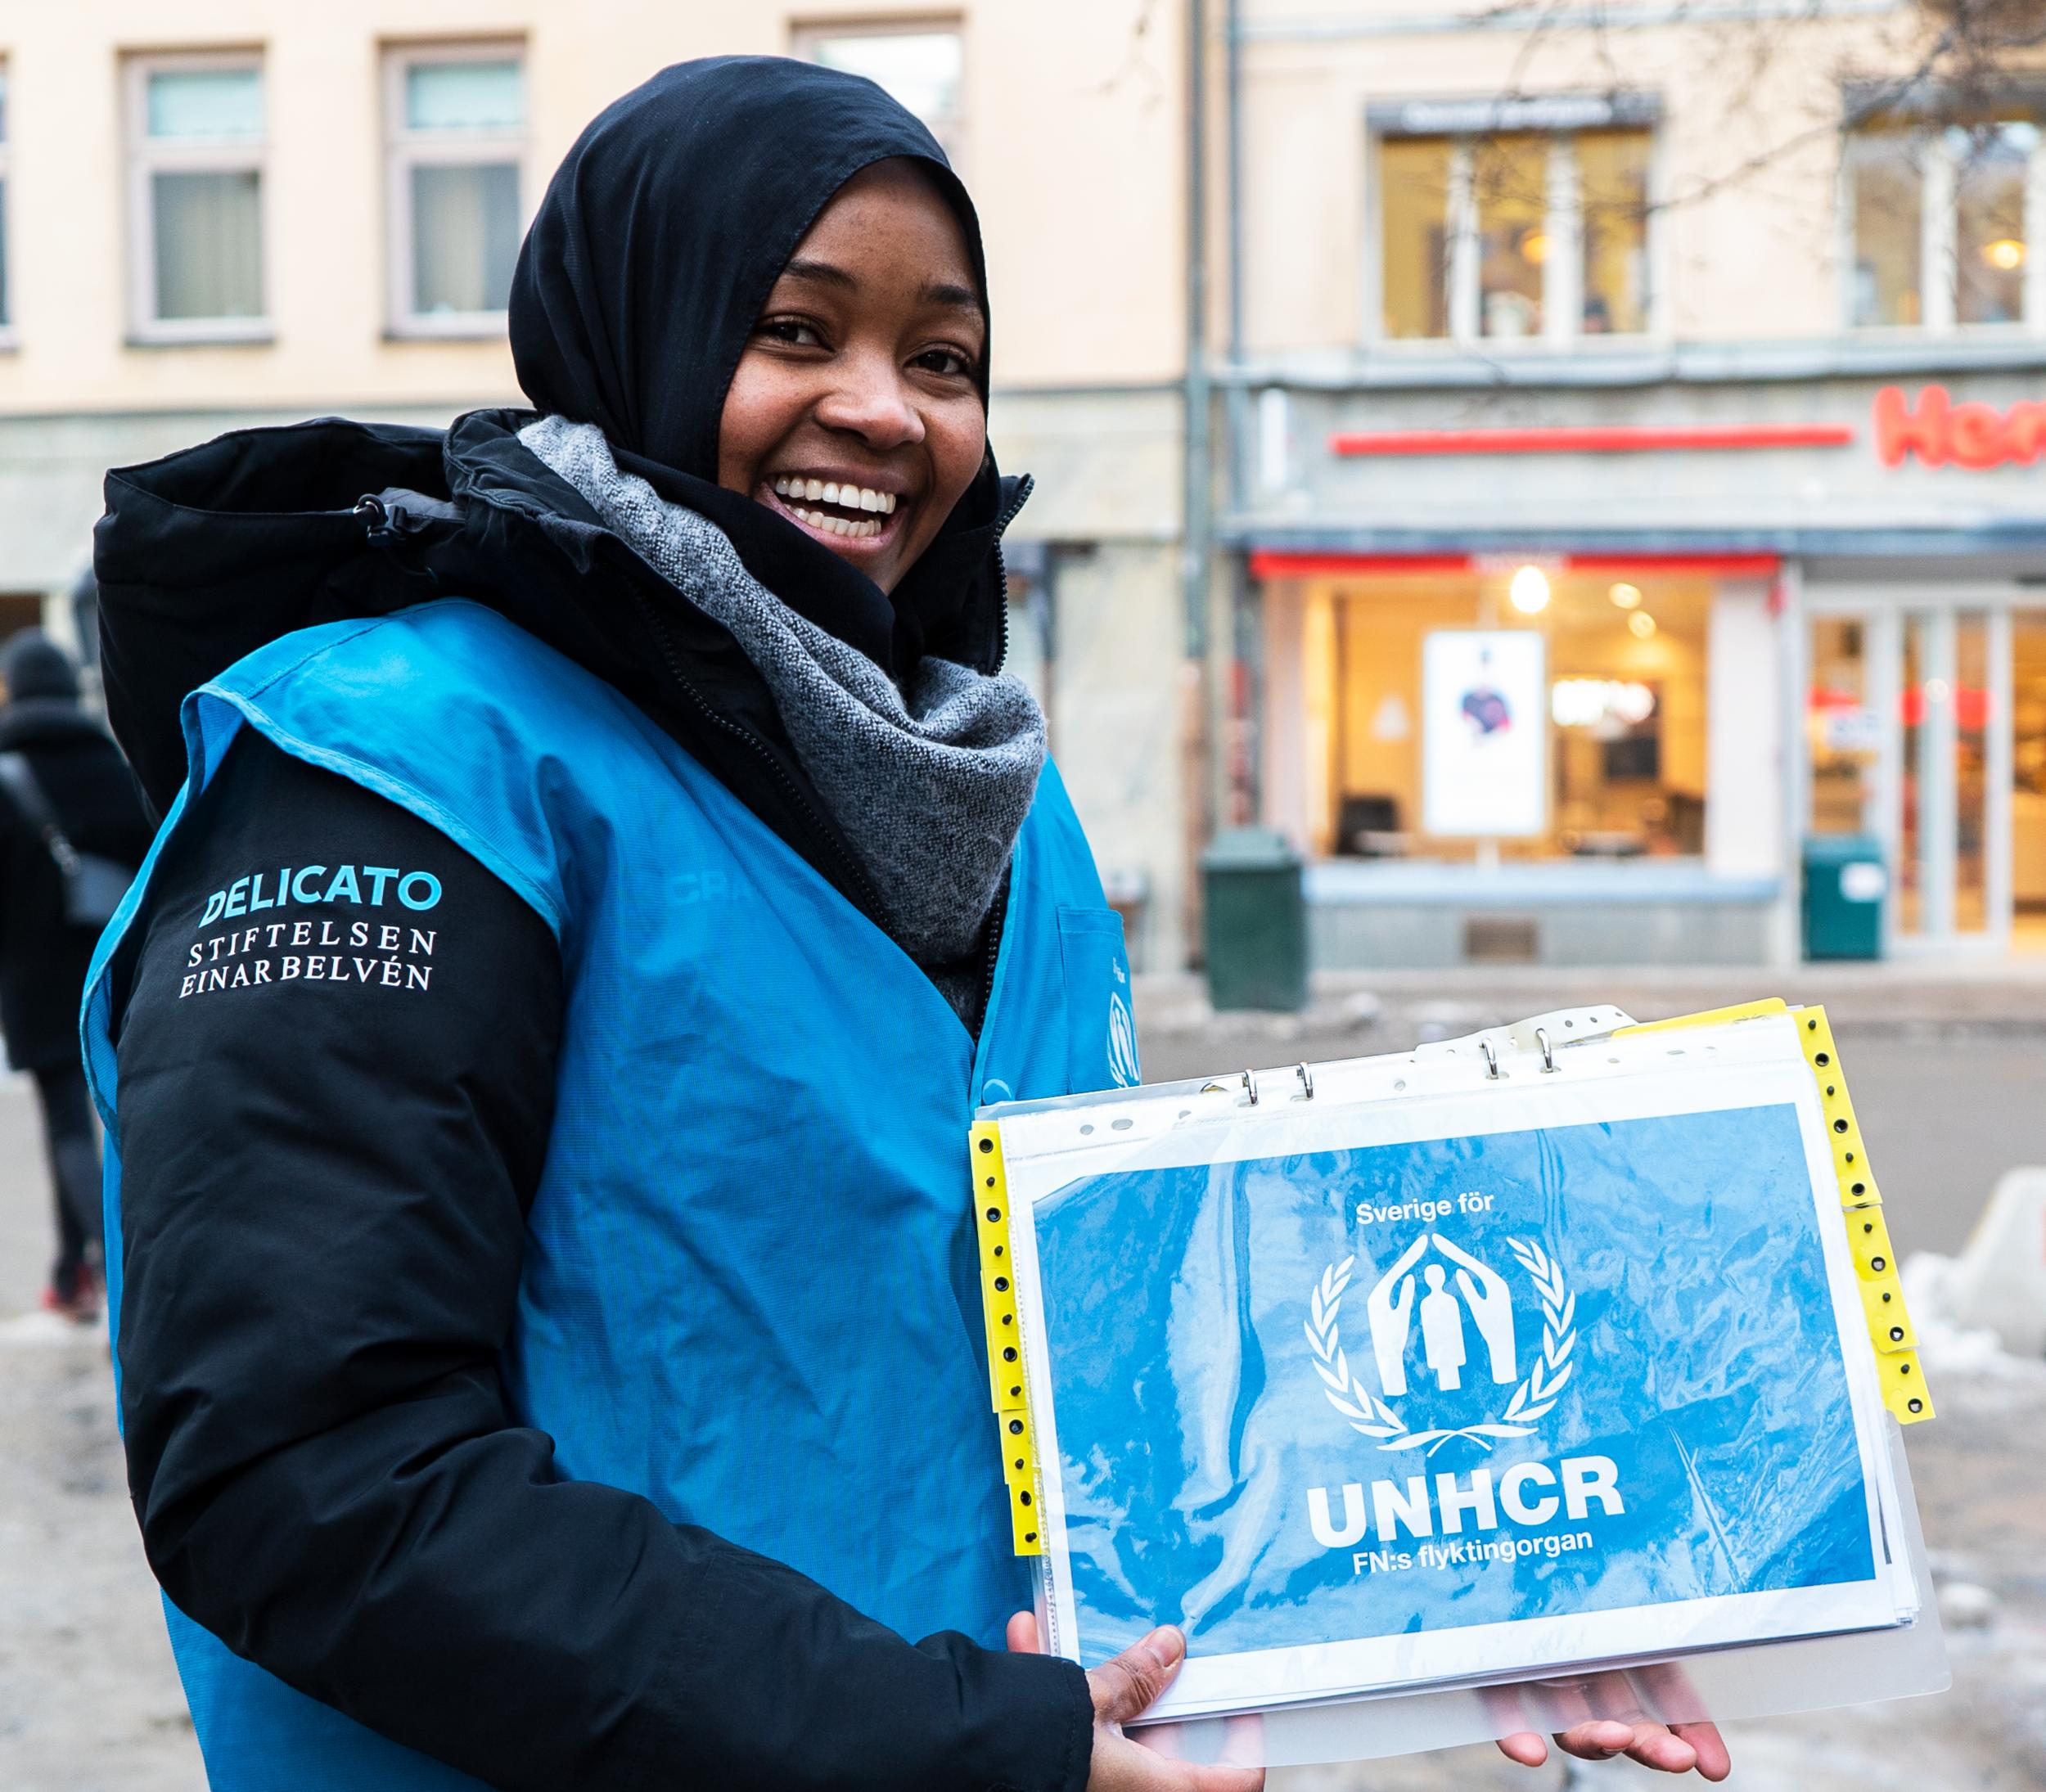 """""""Alla har rätt till ett värdigt liv"""" - Den katastrofala flyktingsituationen fortsätter och har inte lämnat någon oberörd. Delicato Bakverk AB och Stiftelsen Einar Belvén ökar därför sitt engagemang genom att skänka två miljoner kronor till UNHCR för att hjälpa och stödja människor på flykt. Ungefär 12 miljoner människor har tvingats fly sina hem i Syrien. Omkring hälften av dem är barn.Totalt har stiftelsen över fyra år skänkt 5,5 miljoner kronor."""